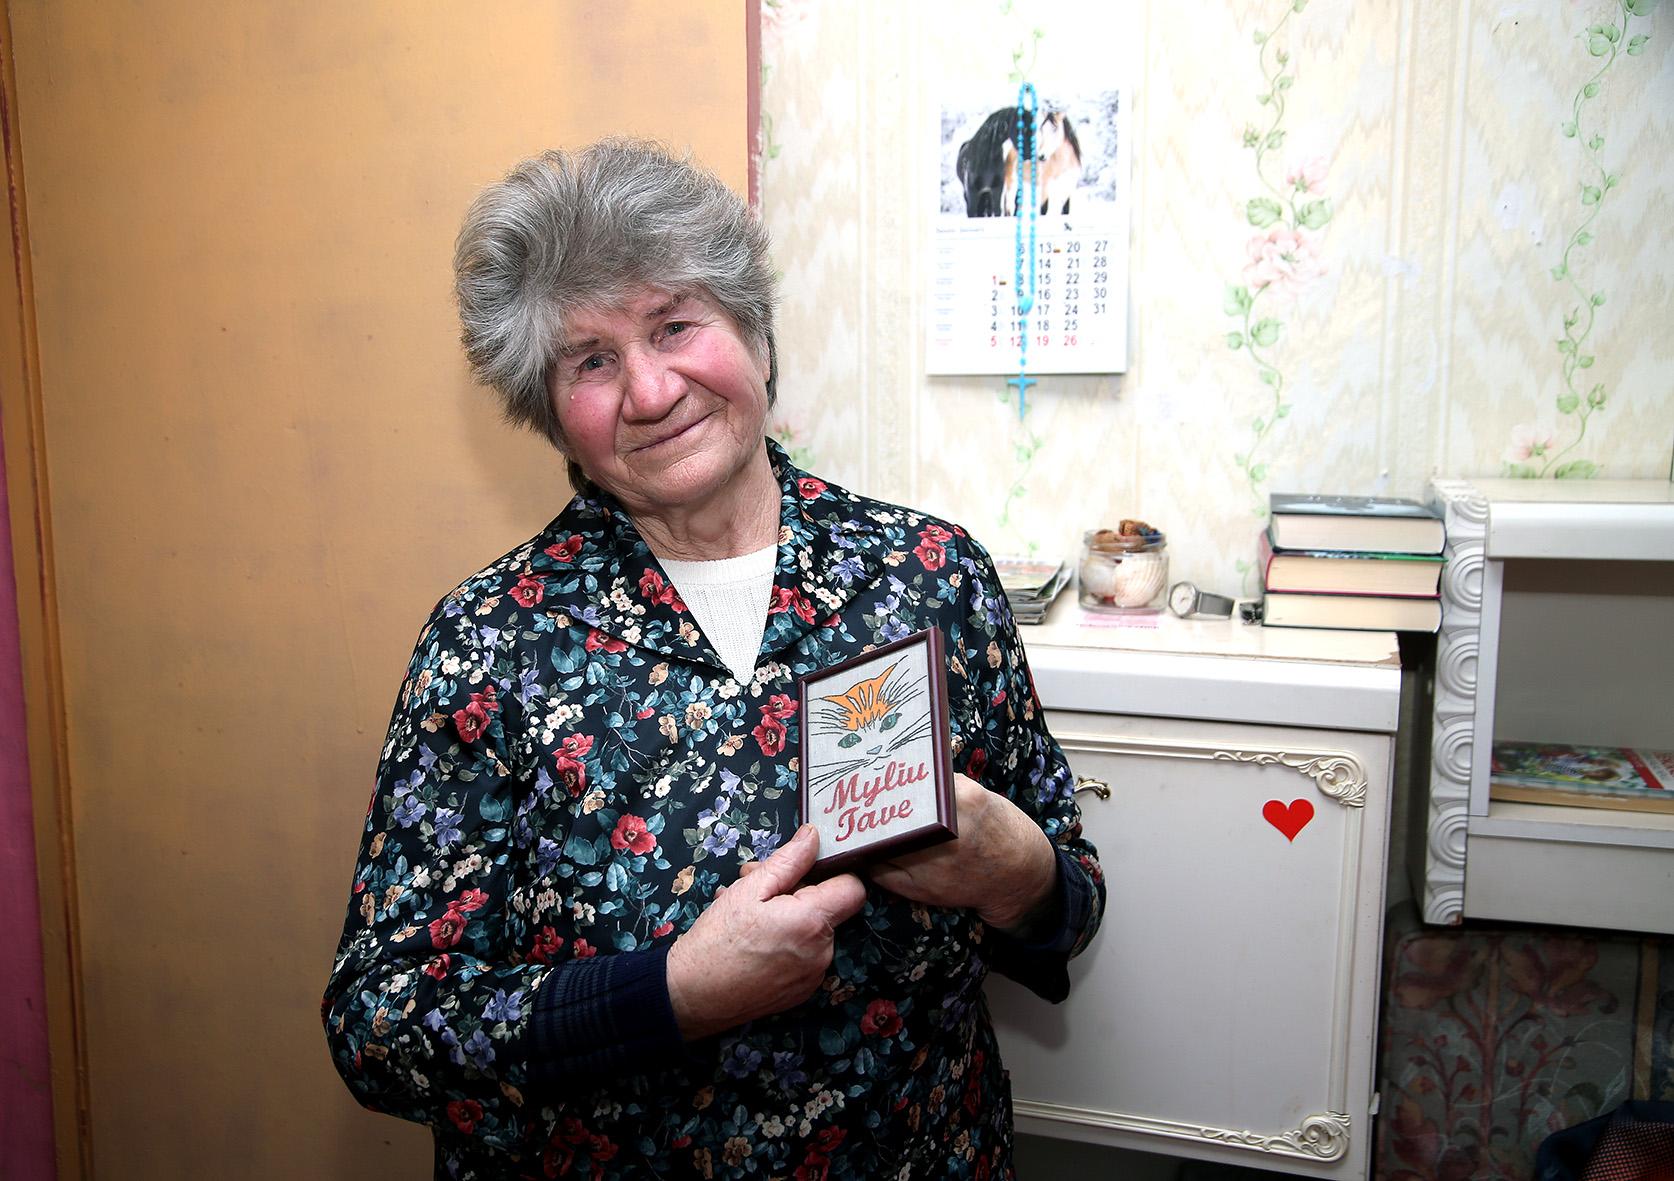 """1983 metais į Beinaičius atvykusios Vaclovos Dirsienės gyvenime aktyvumo netrūksta. Laisvalaikiu moteris mėgsta siūti, piešti, eilėraščius kurti. / Algimanto Barzdžiaus/ """"Rinkos aikštės"""" archyvo nuotr."""